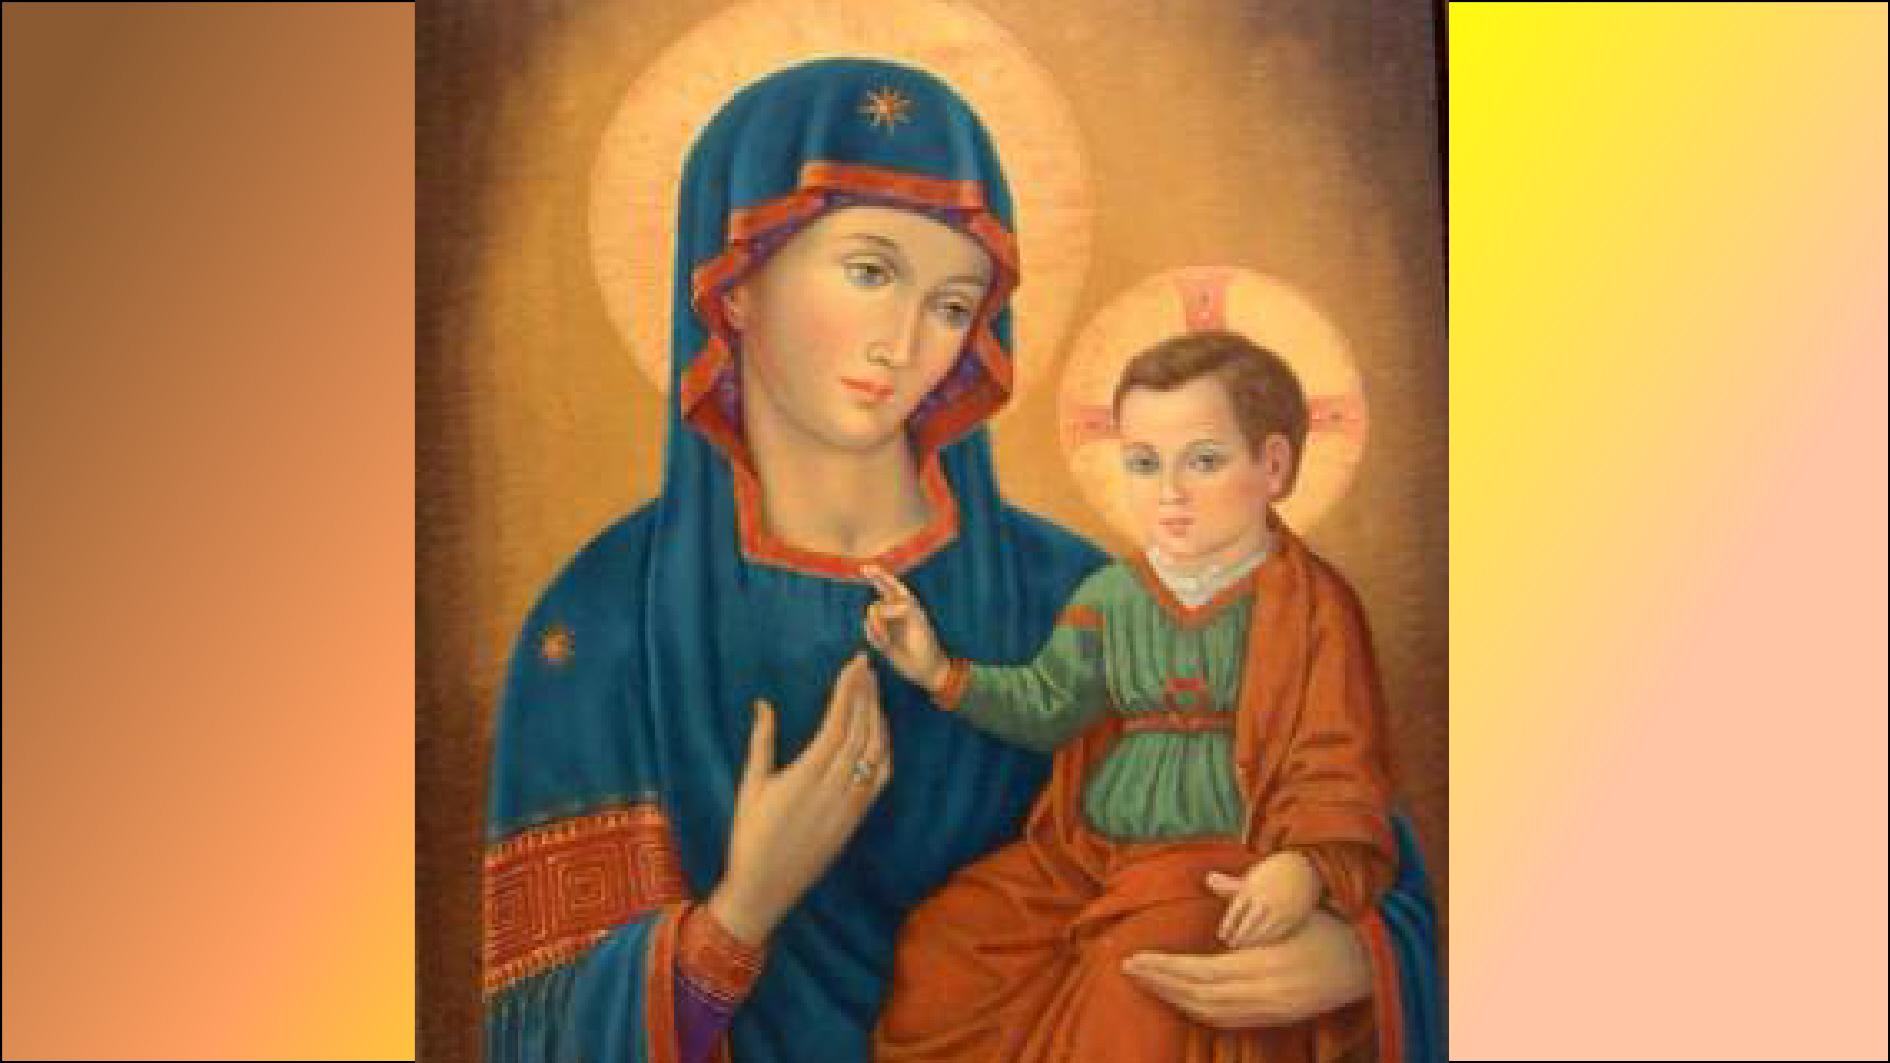 CALENDRIER CATHOLIQUE 2019 (Cantiques, Prières & Images) - Page 7 La-consolata-ou-n...solation-56844cb